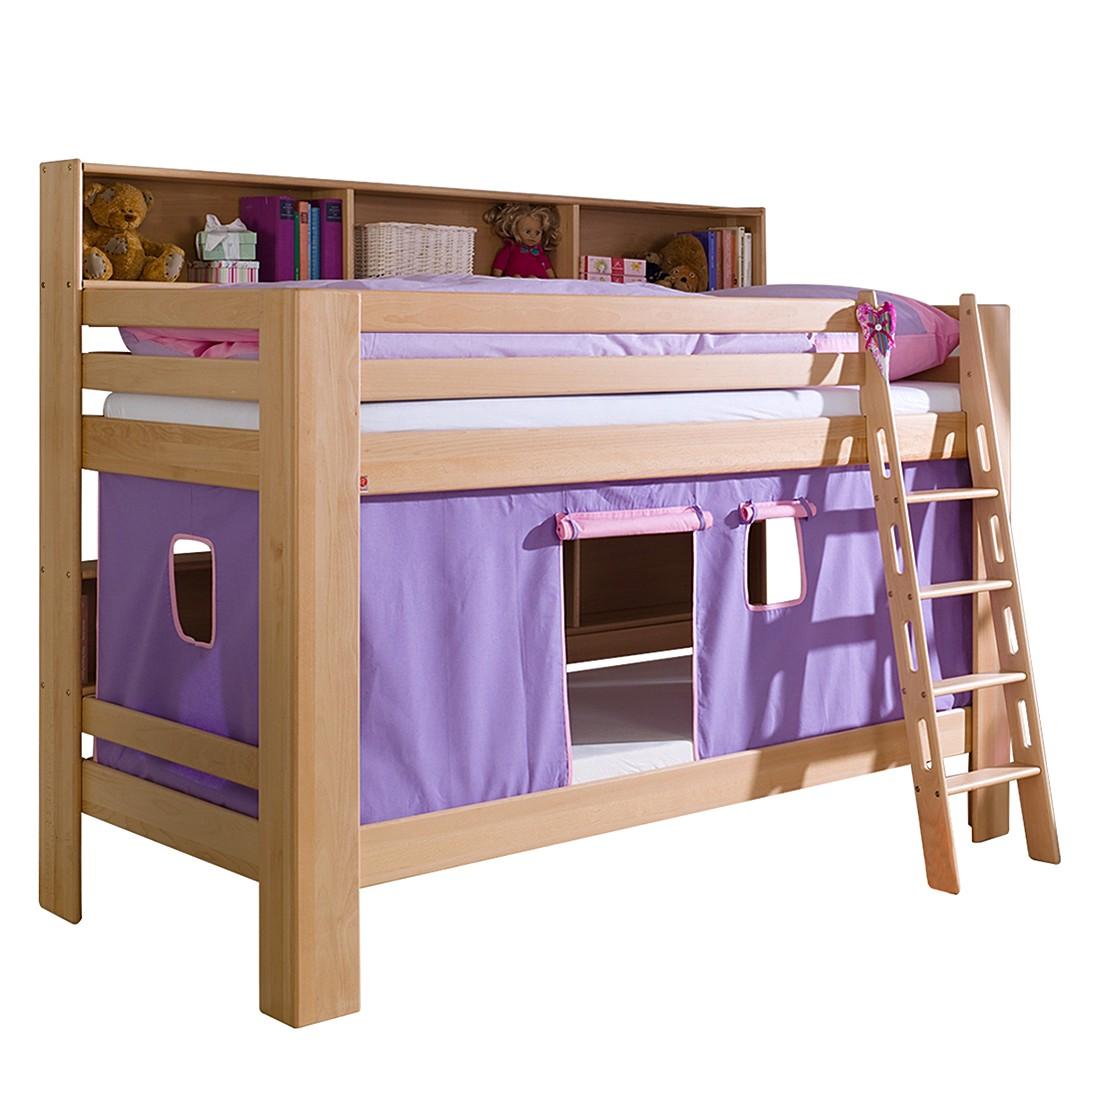 Etagenbett Jan - Buche massiv - Vorhang Violett/Rosa, Relita